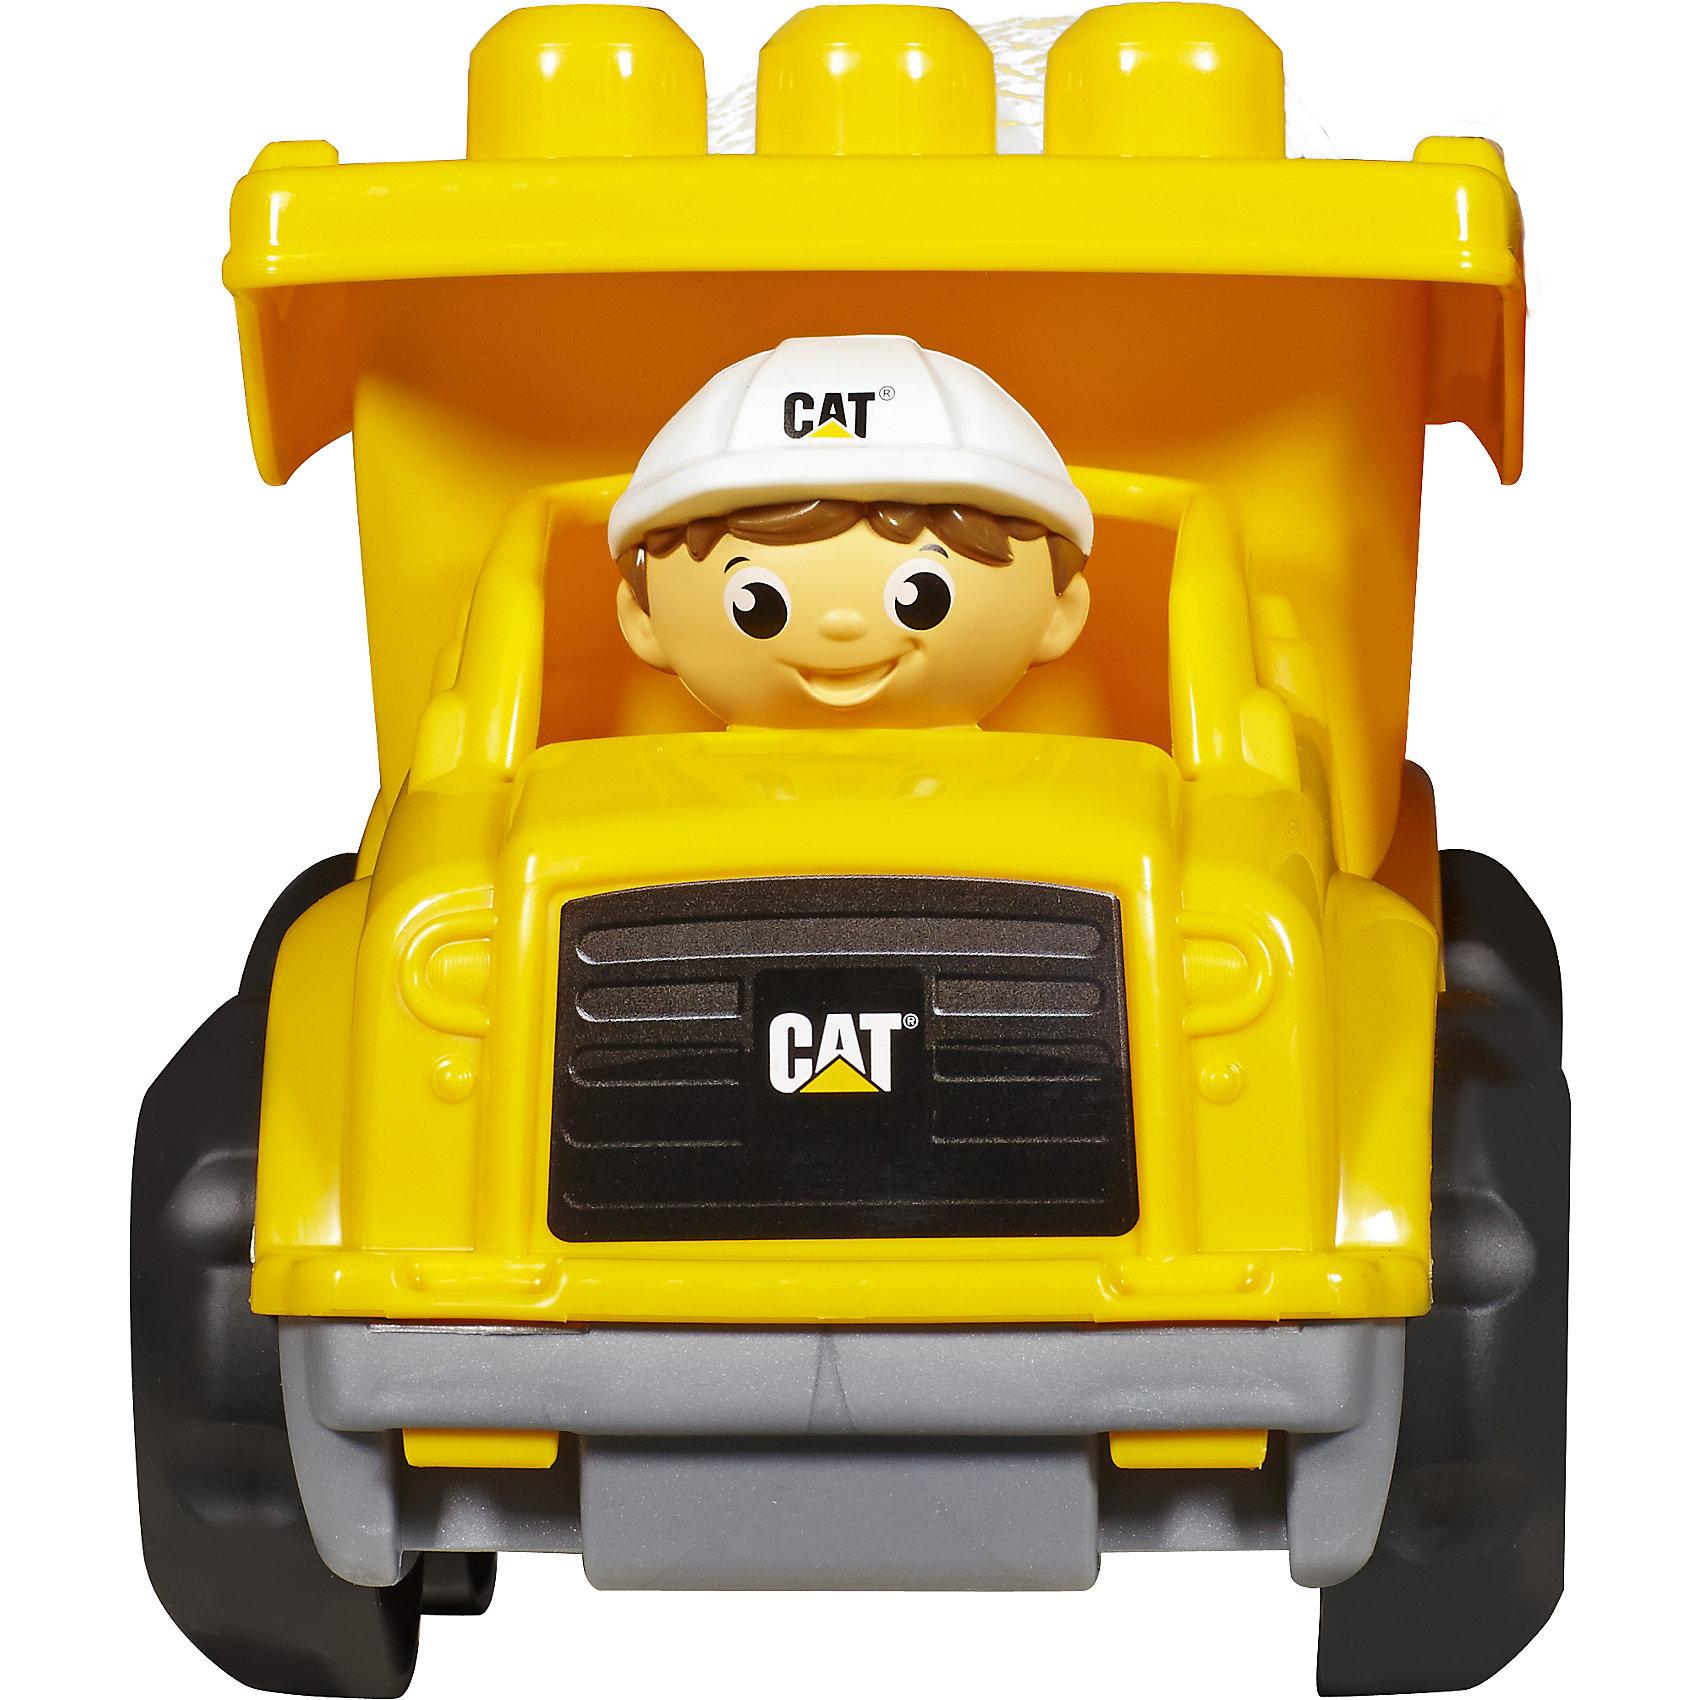 Маленький самосвал CAT, MEGA BLOKSПластмассовые конструкторы<br>Маленький самосвал CAT, MEGA BLOKS (МЕГА БЛОКС) – это яркий самосвал, который понравится малышам.<br>Этот мини самосвал станет надёжным помощником вашего маленького строителя. В комплекте с самосвалом предусмотрены разноцветные блоки конструктора, которые можно погрузить в кузов машинки, либо закрепить на ее верхнюю часть. Кузов самосвал можно поднимать и опускать, чтобы имитировать процесс выгрузки. За руль транспортного средства можно поместить фигурку водителя из набора. Машинка быстро ездит благодаря широким устойчивым колесам. Самосвал выполнен в ярких цветовых оттенках, изготовлен из прочного пластика высокого качества, окрашен безопасными устойчивыми красителями.<br><br>Дополнительная информация:<br><br>- В наборе: самосвал, одна фигурка рабочего, шесть блоков<br>- Материал: безопасный пластик<br>- Размер упаковки: 18 x 23,5 x 15 см.<br>- Вес: 500 гр.<br><br>Маленький самосвал CAT, MEGA BLOKS (МЕГА БЛОКС) можно купить в нашем интернет-магазине.<br><br>Ширина мм: 234<br>Глубина мм: 225<br>Высота мм: 182<br>Вес г: 504<br>Возраст от месяцев: 12<br>Возраст до месяцев: 48<br>Пол: Унисекс<br>Возраст: Детский<br>SKU: 4402776